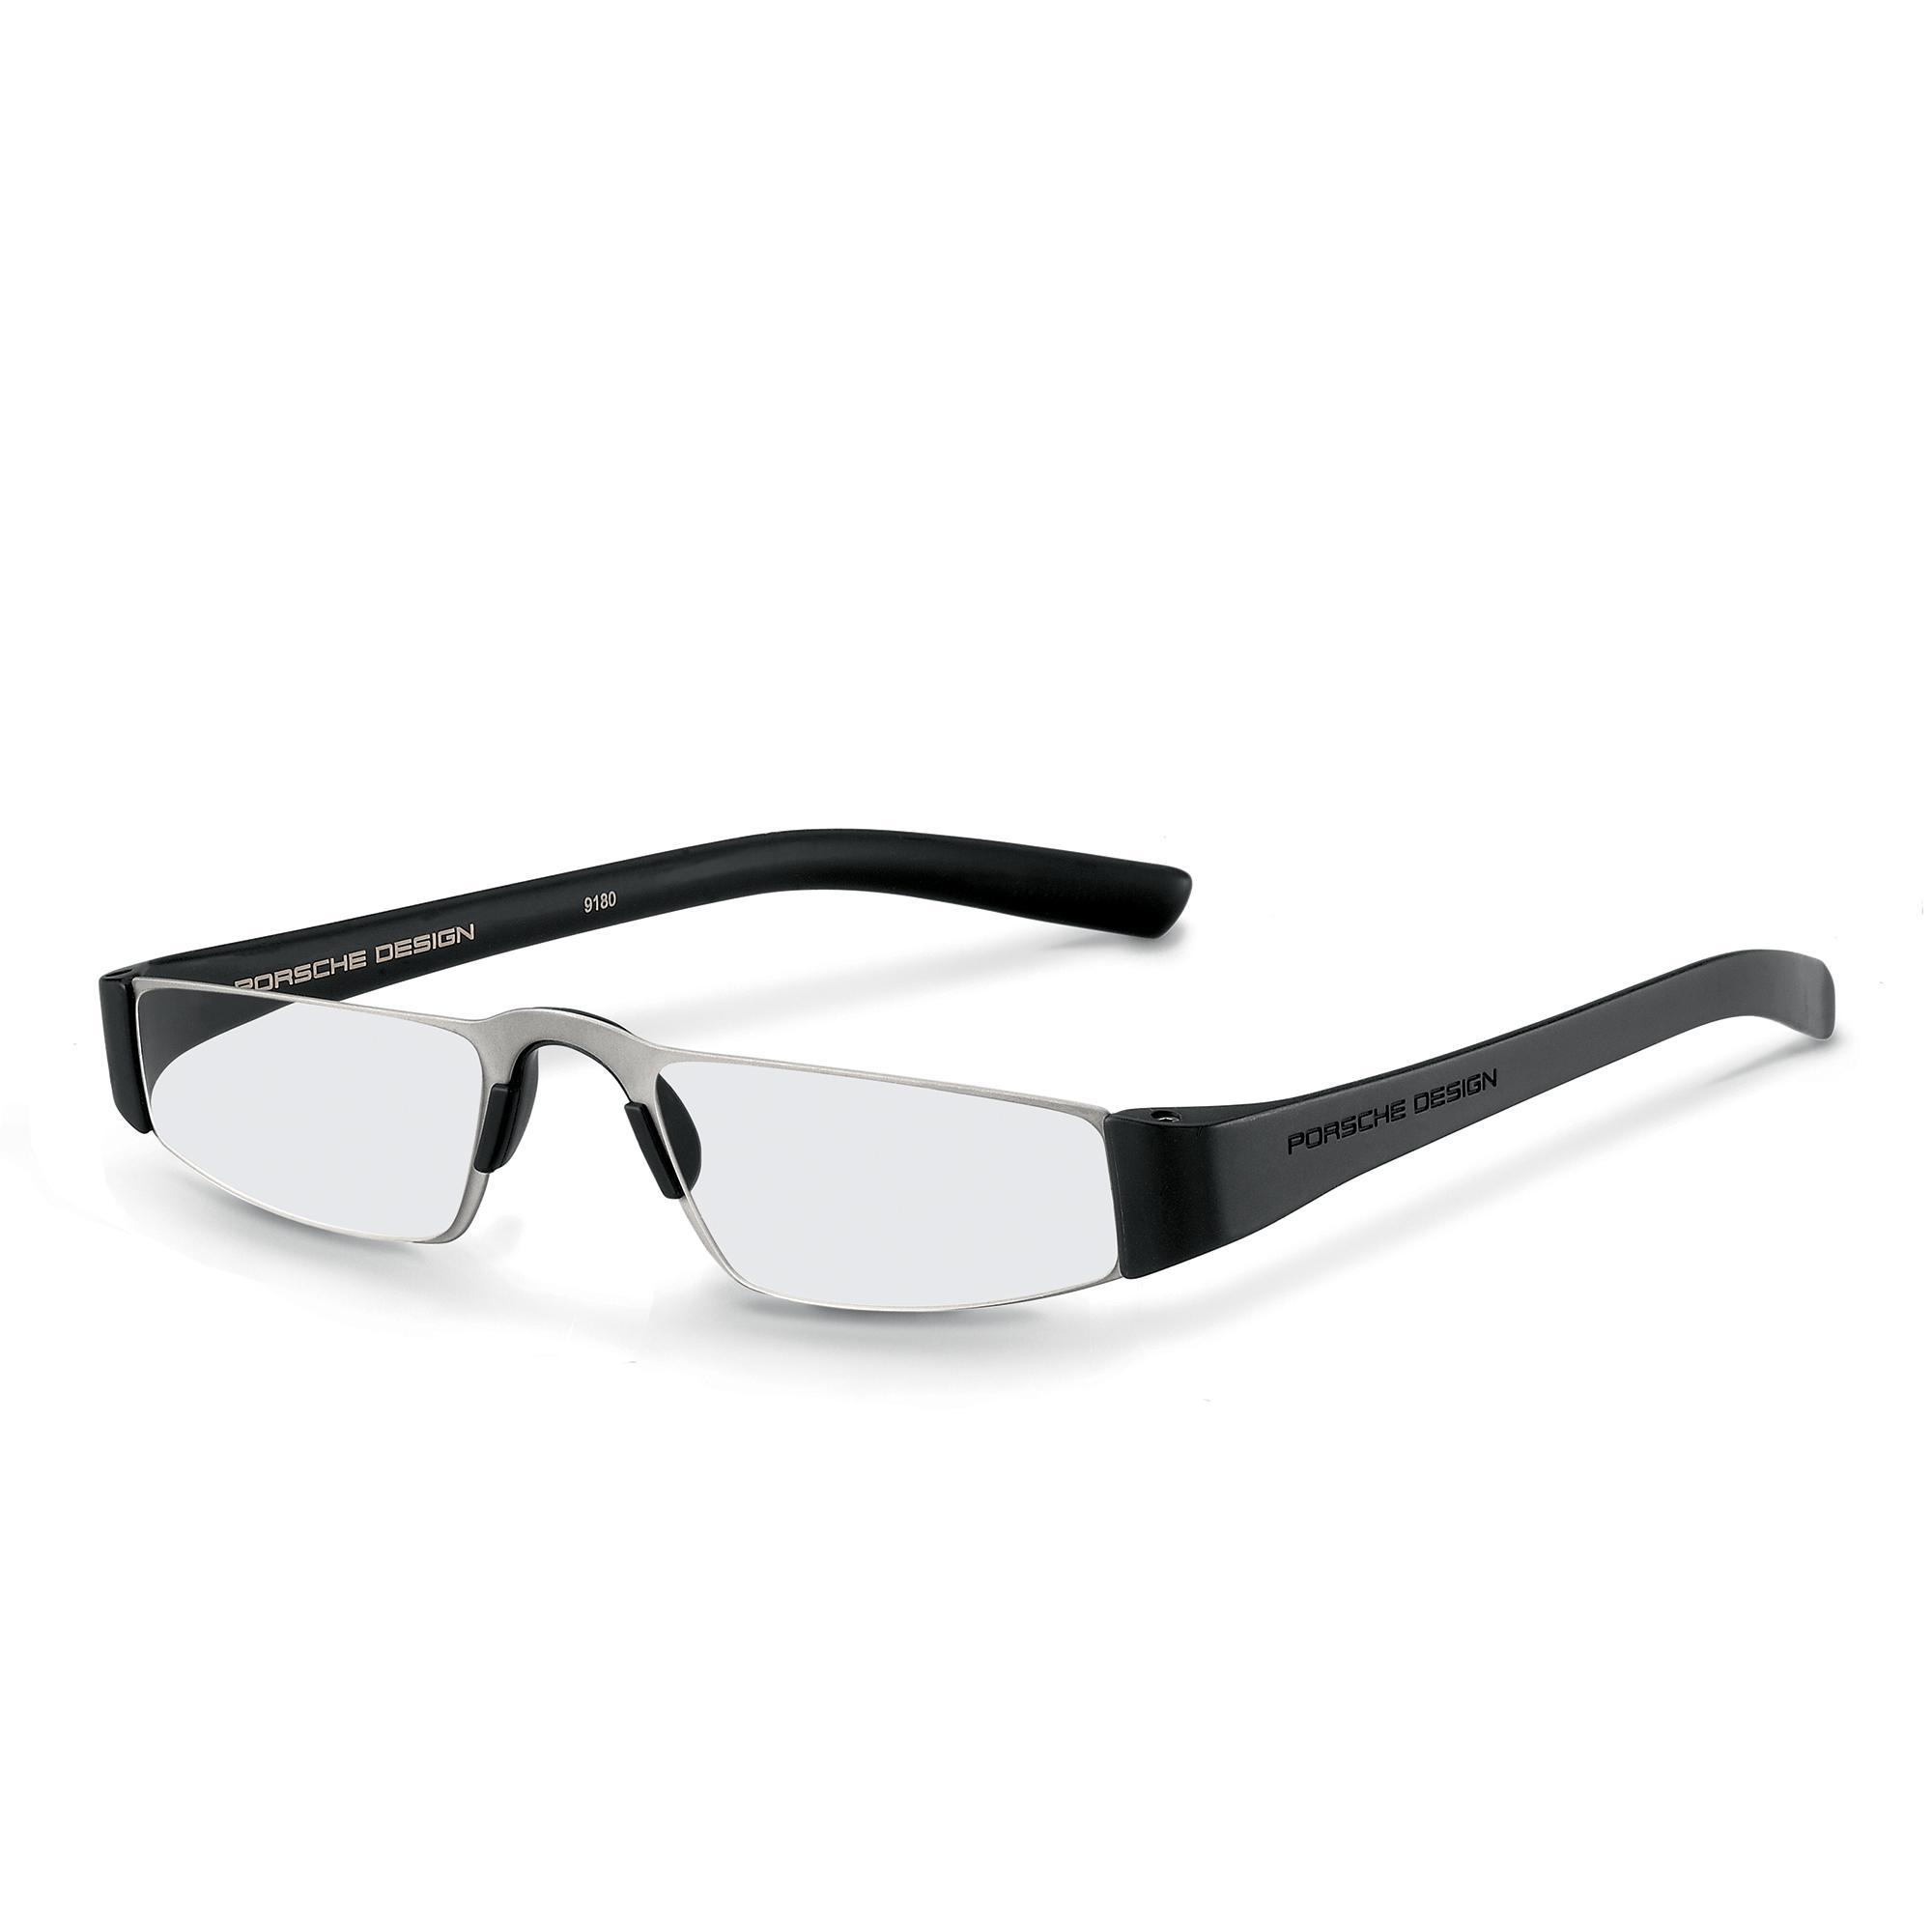 titanium, black/transparent